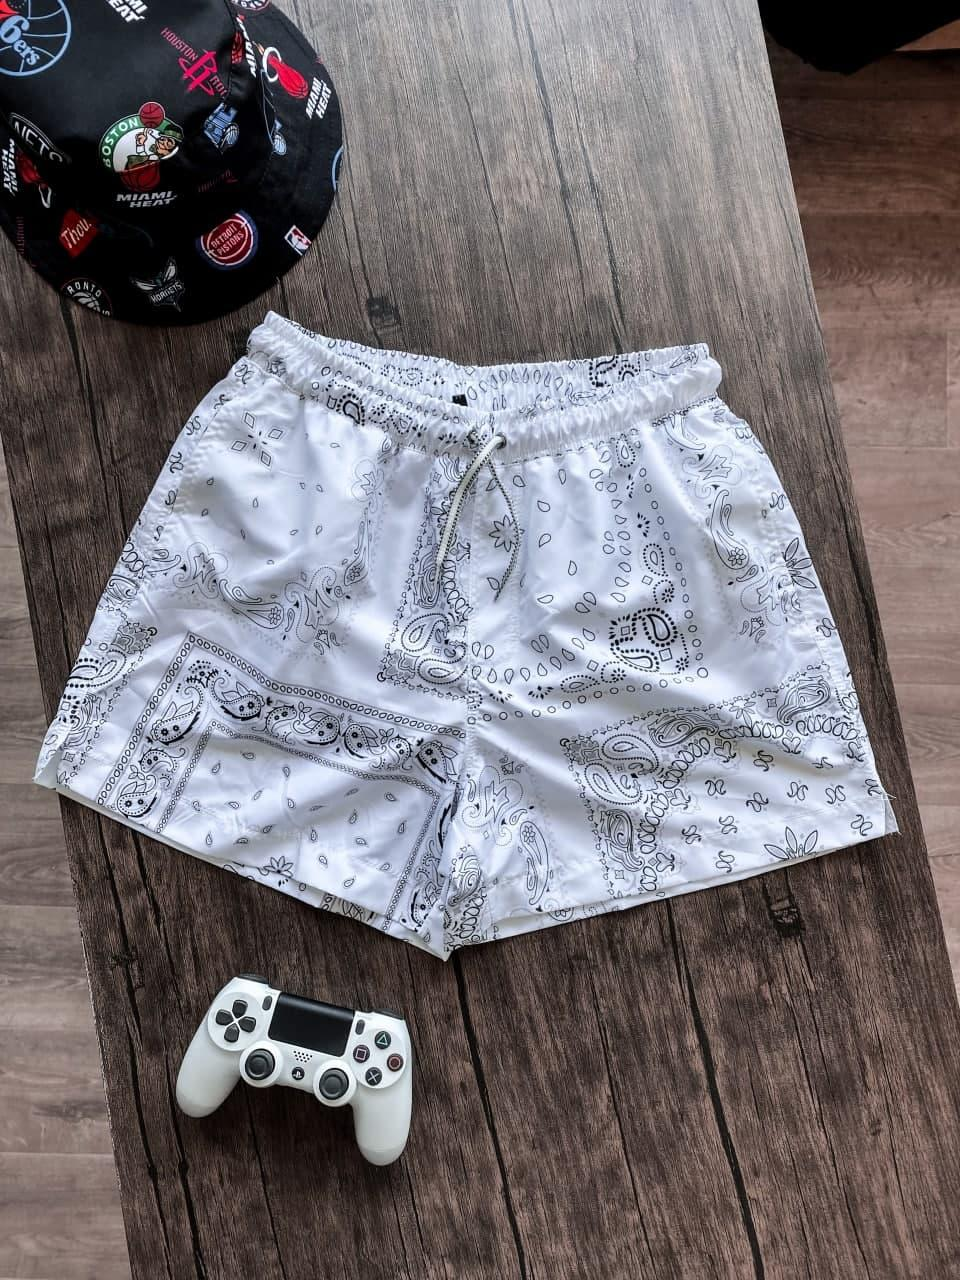 Мужские плавательные шорты с абстракцией (белые) для пляжа на лето Spl4